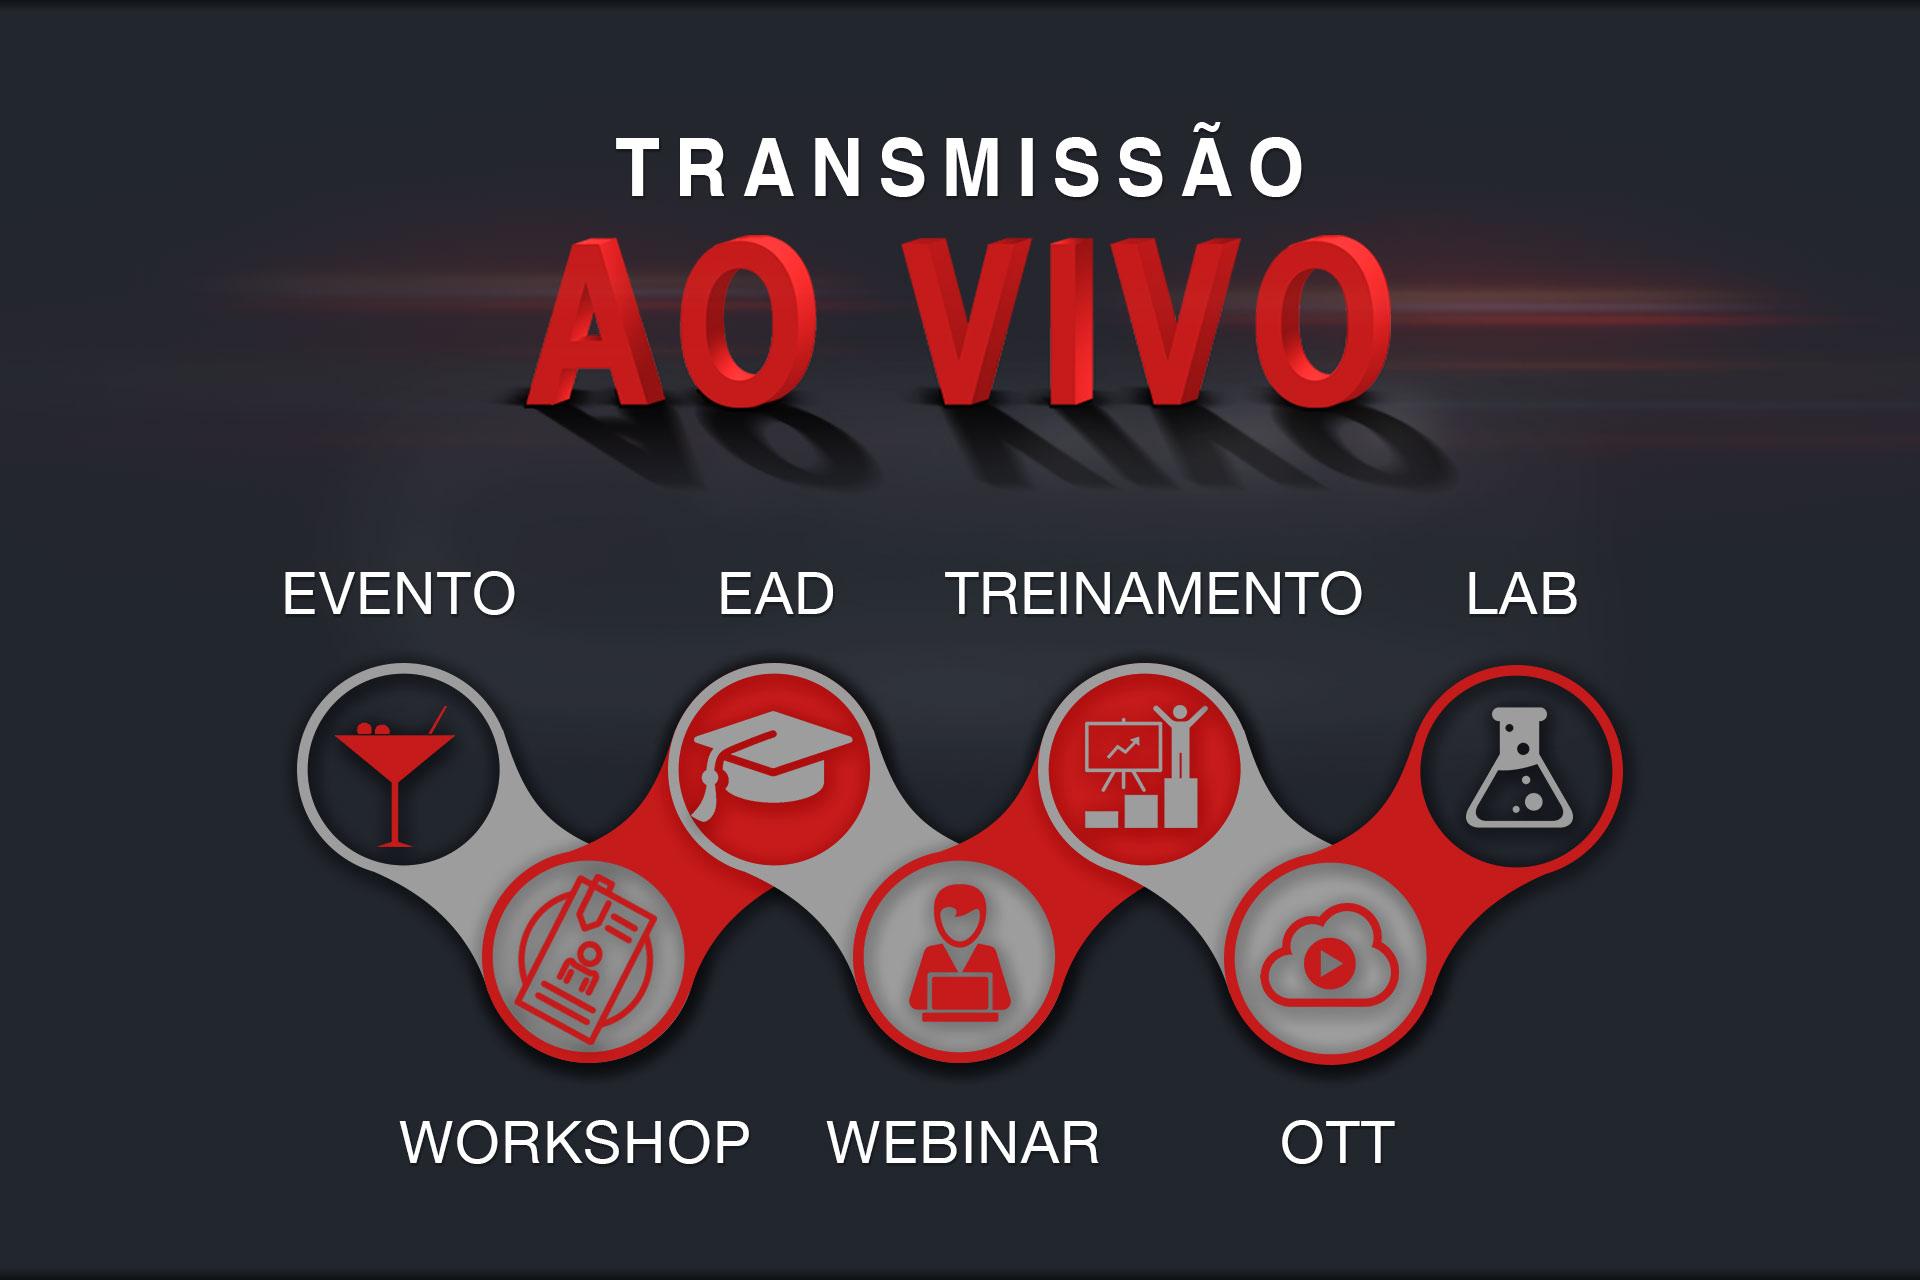 webinar, livecast, ead, broadcast, broadcaster plataforma, webmeeting, Webconferência, live stream, Facebook live, YouTube live, transmissão ao vivo